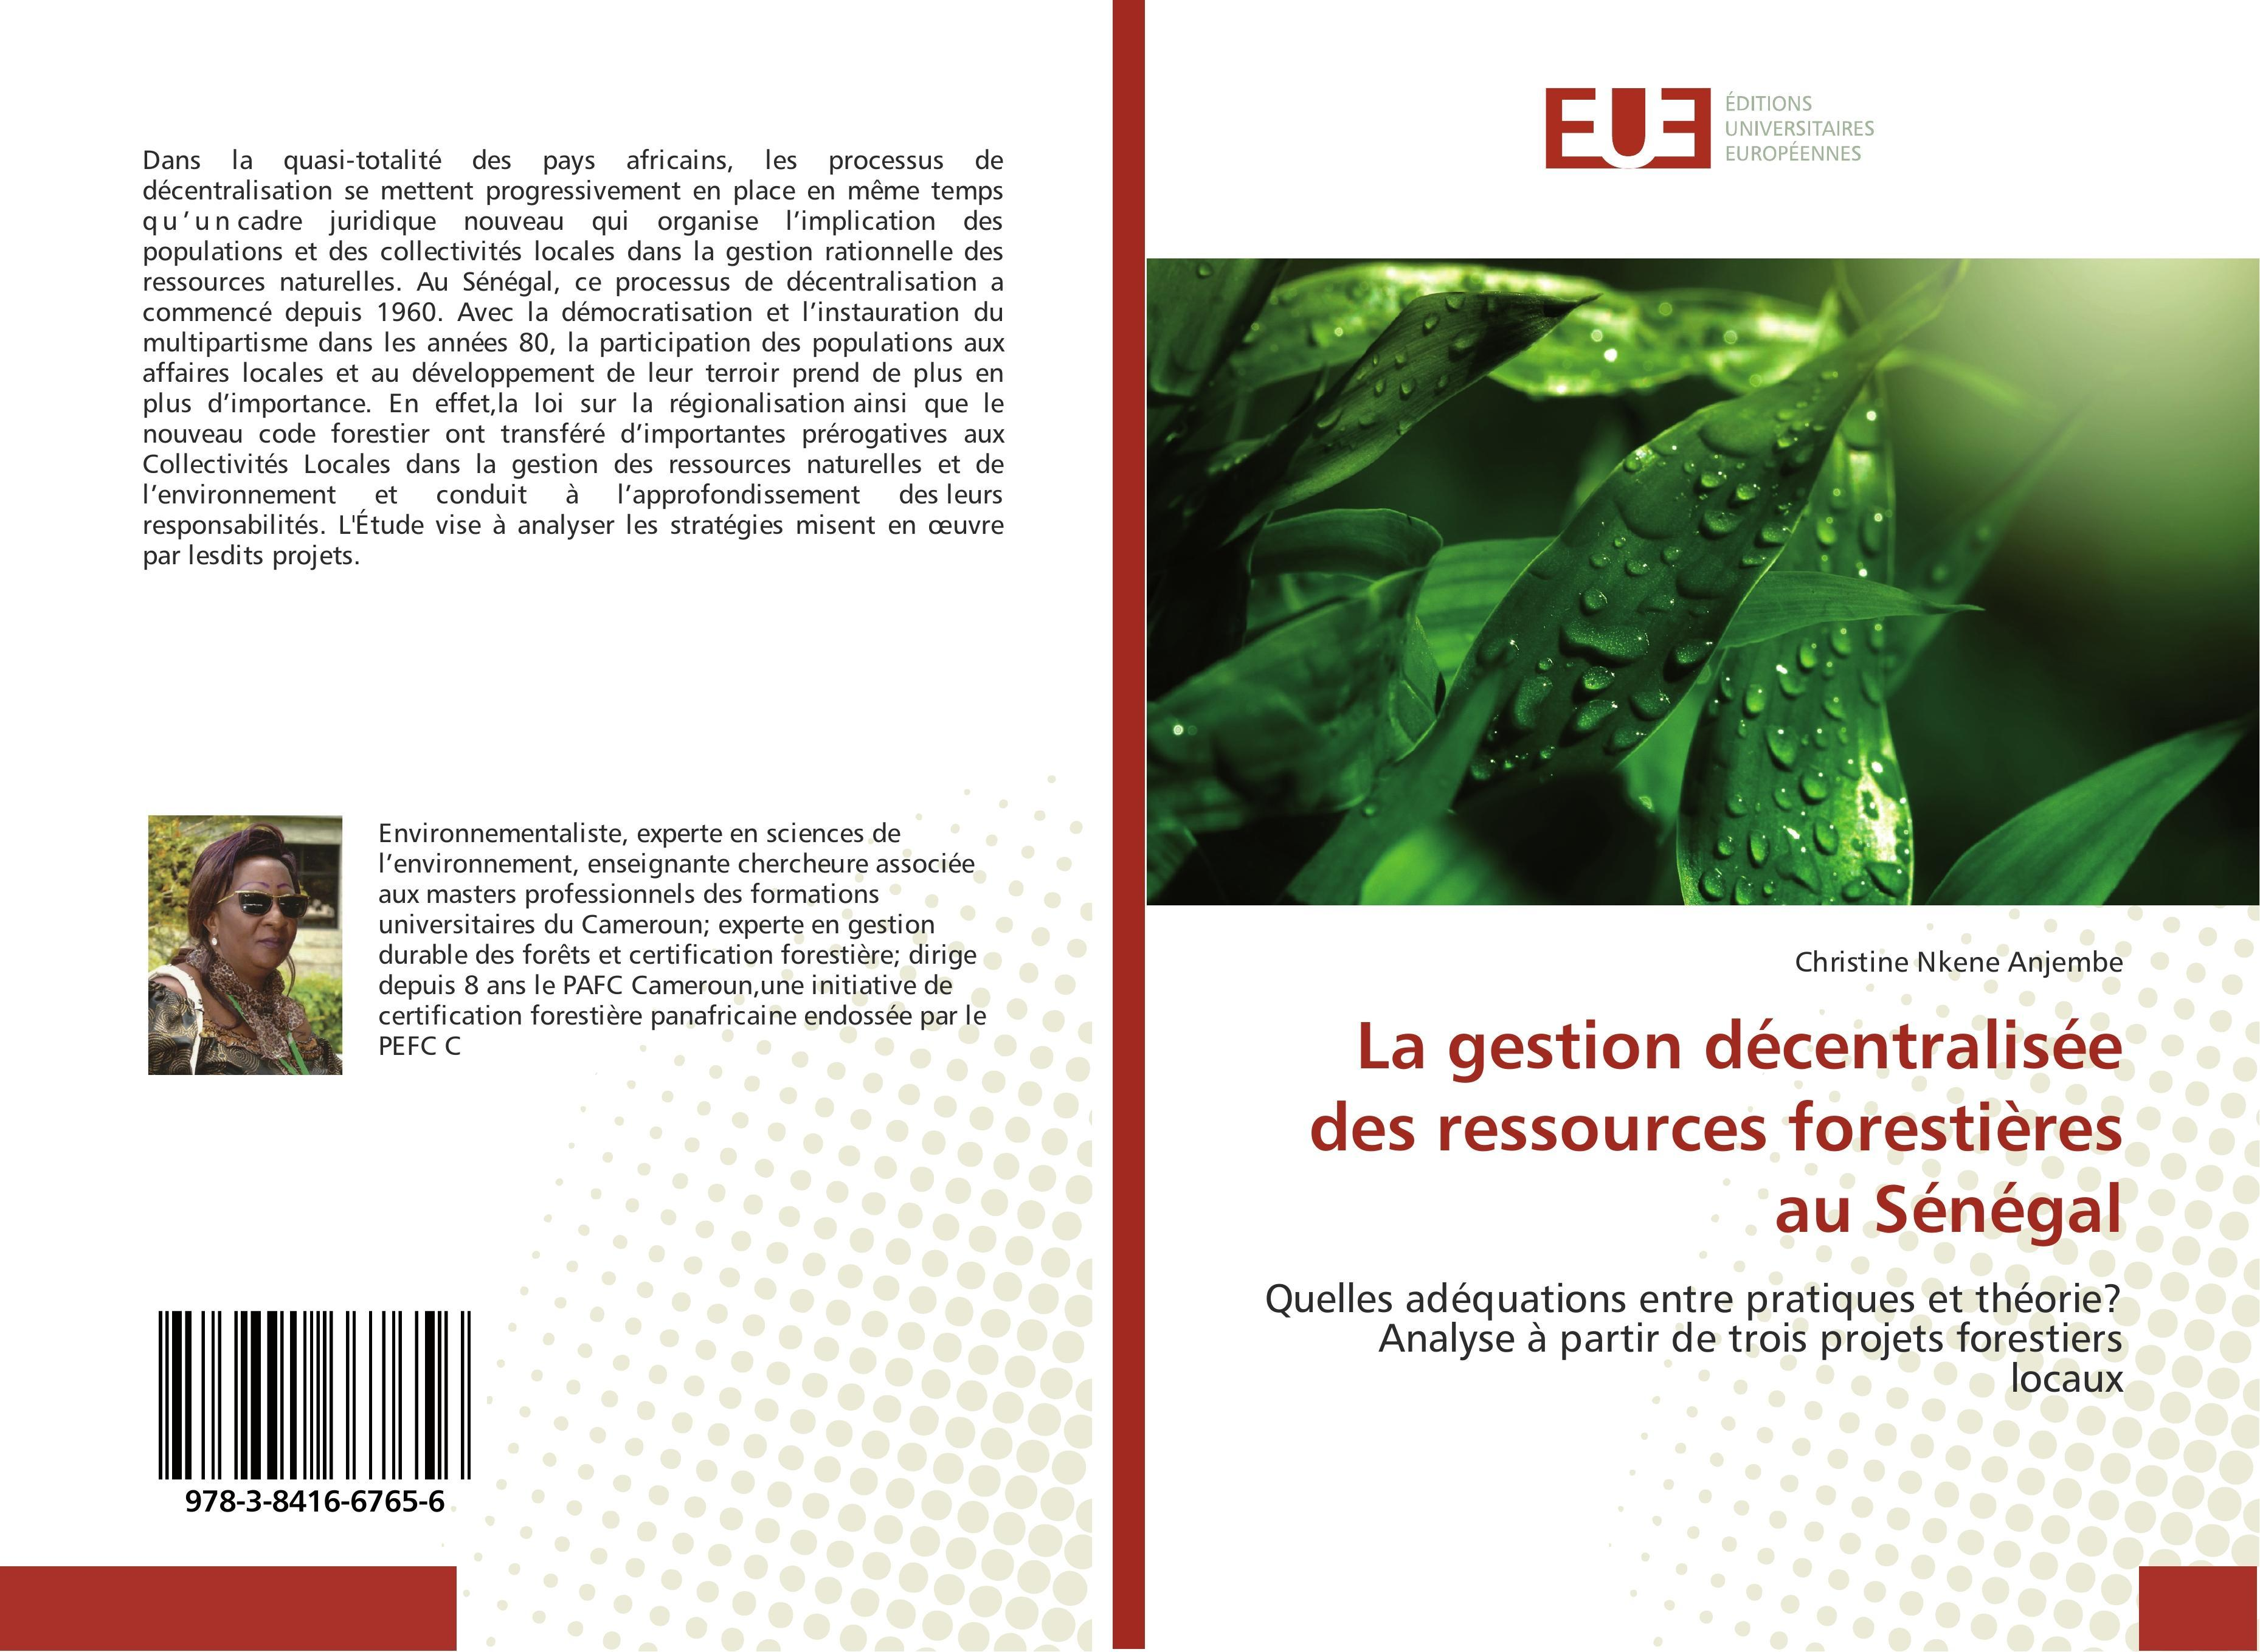 La gestion décentralisée des ressources forestières au Sénég ... 9783841667656